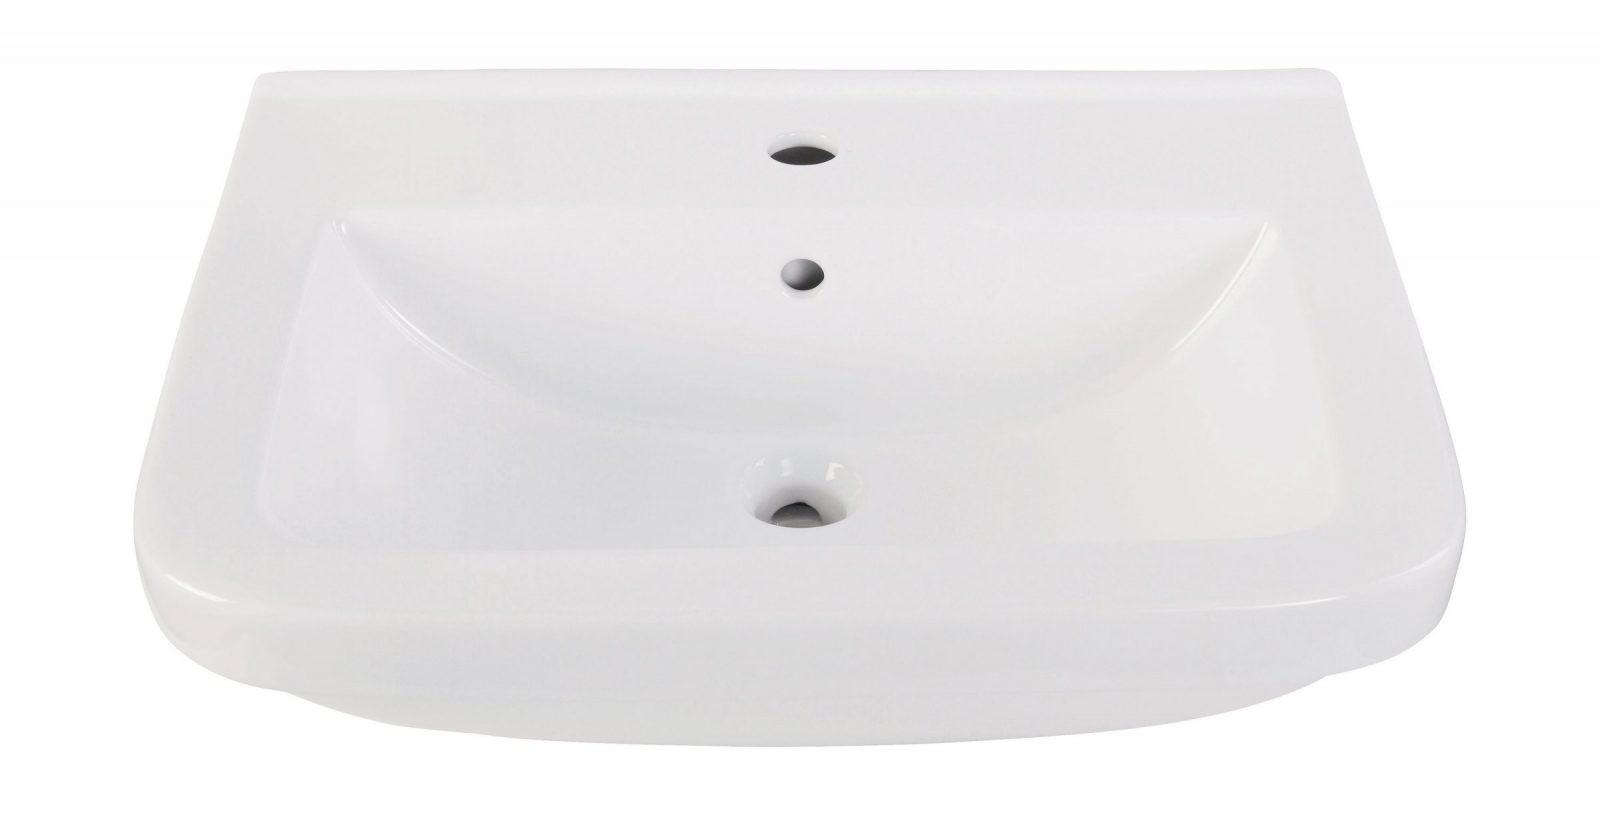 Handwaschbecken  Kleine Waschbecken Bei Calmwaters von Waschbecken 30 Cm Tief Bild